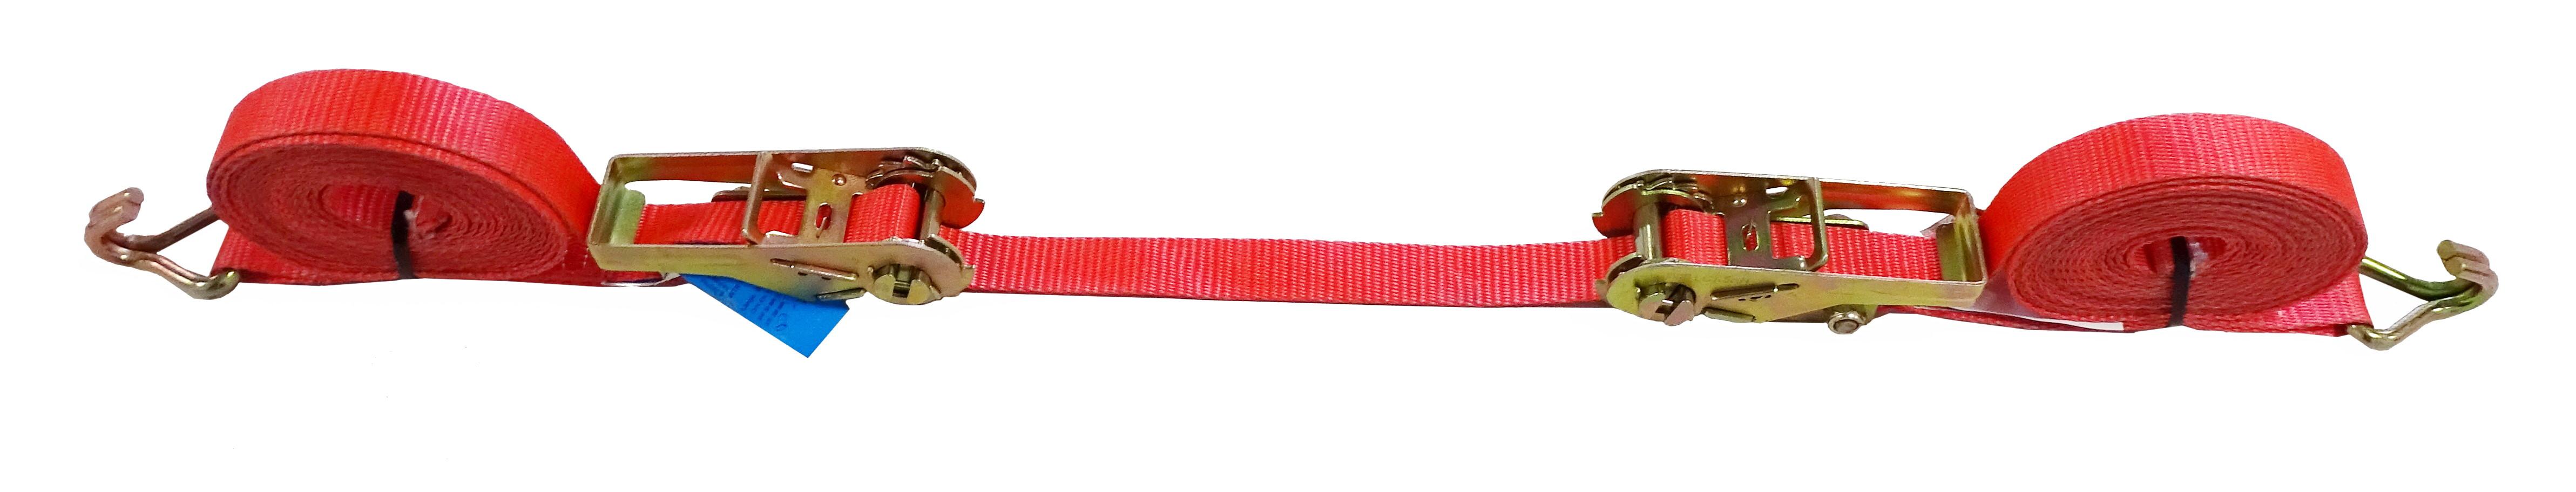 GWS®-Zurrgurt mit 2 Ratschen,  25 mm Gurtbandbreite